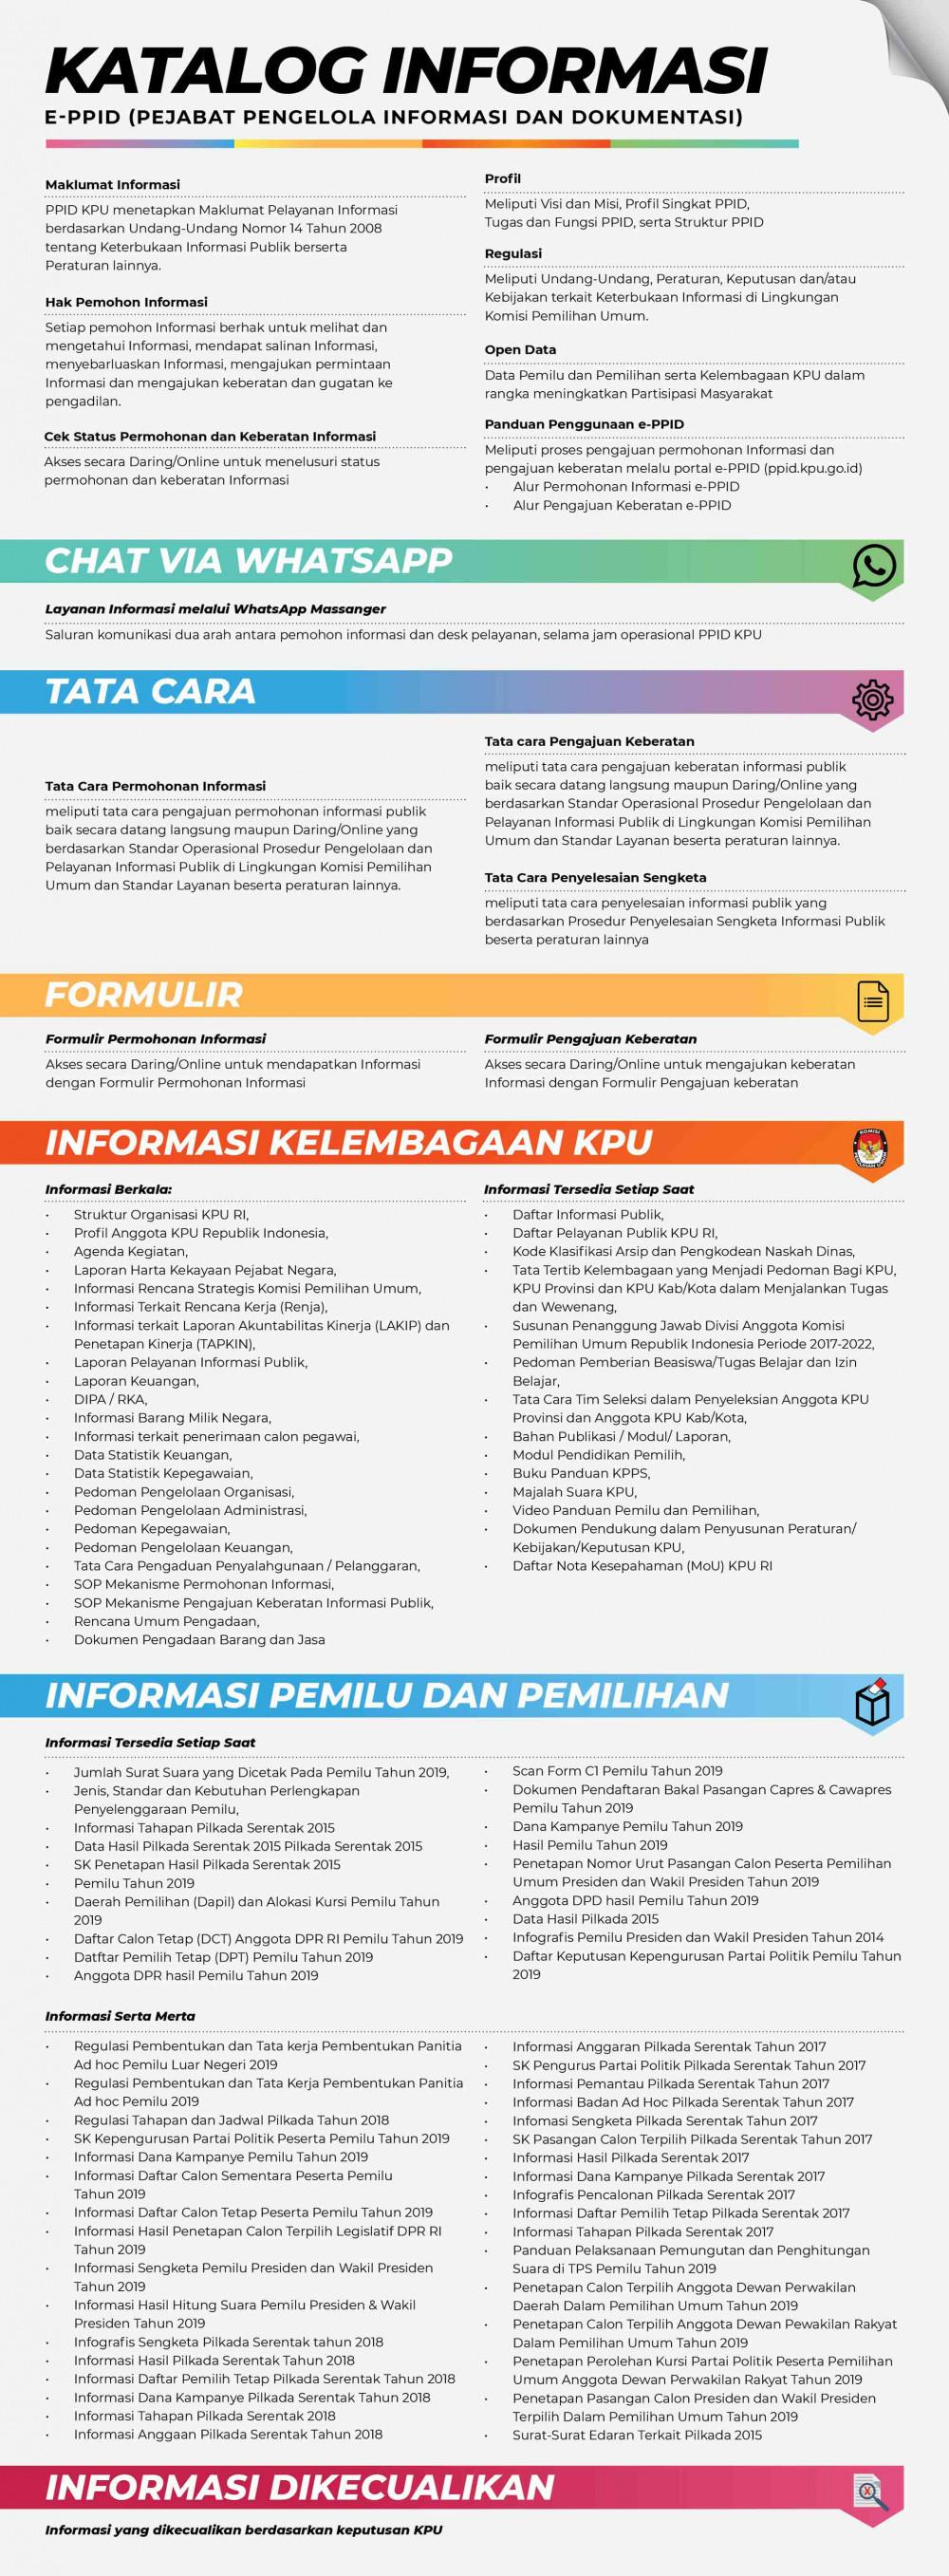 Katalog Informasi